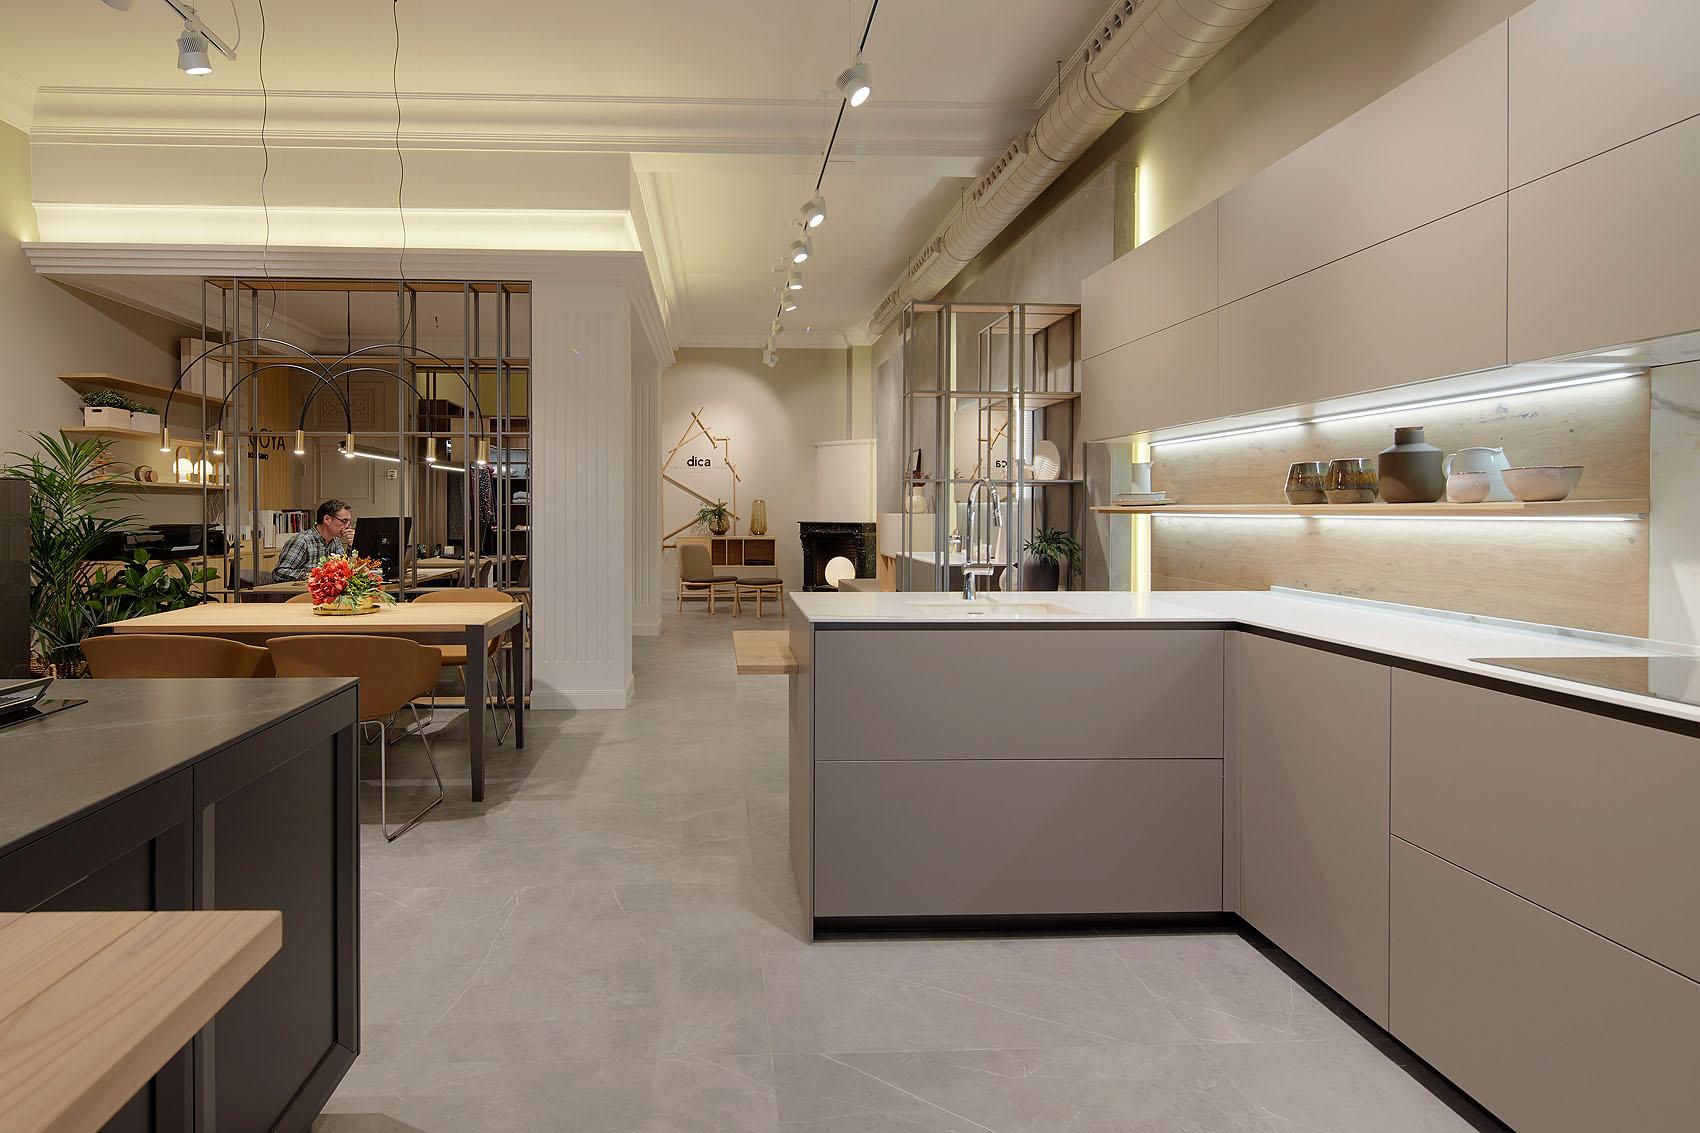 Nuevo Showroom de Secoya Interiorismo - Iñaki Caperochipi - Fotografía